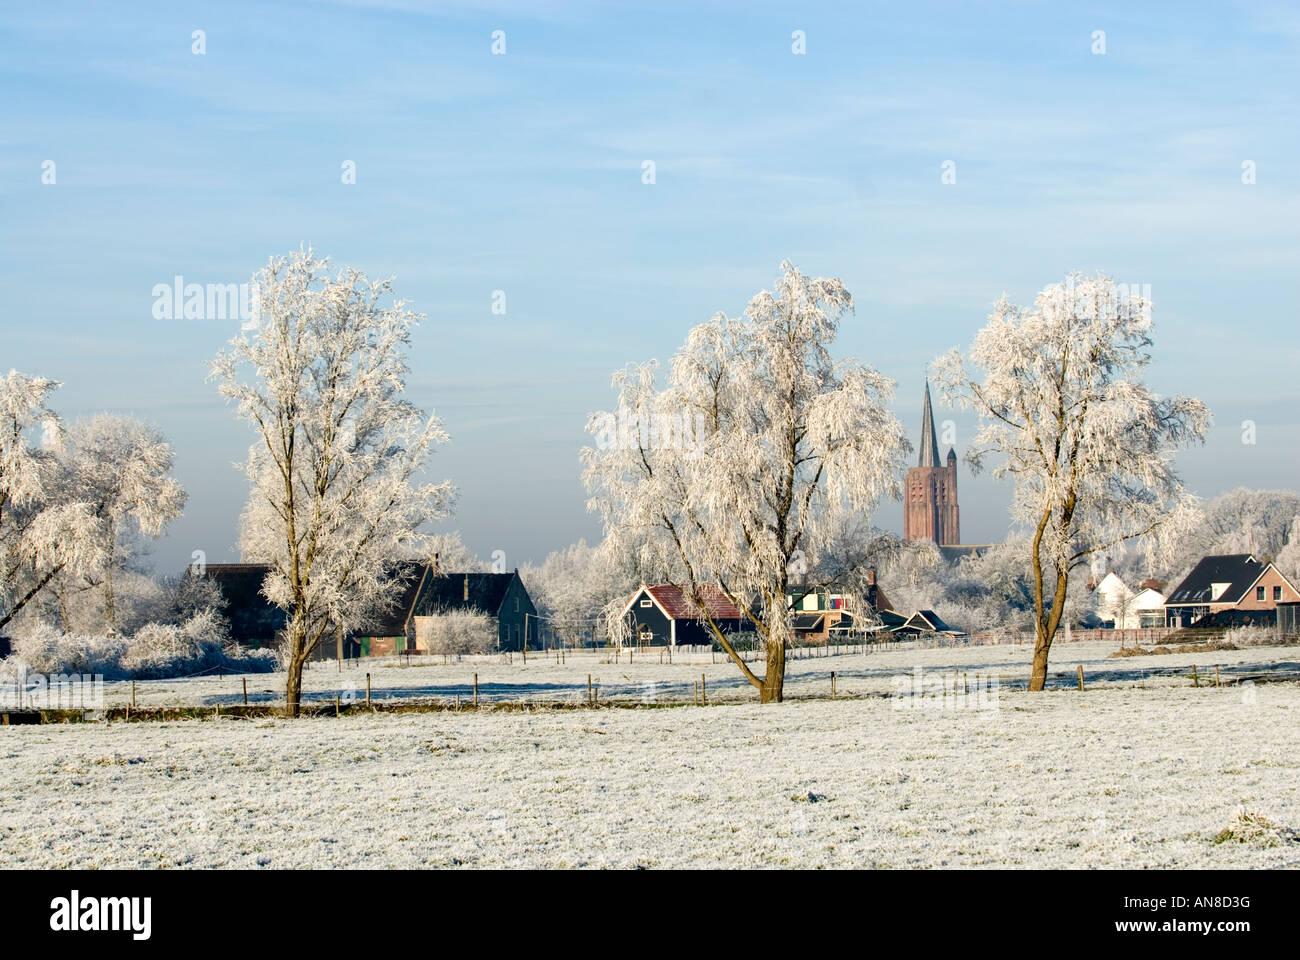 Winter landscape with rimed trees, Village Nisse, Zeeland province, Holland - Stock Image